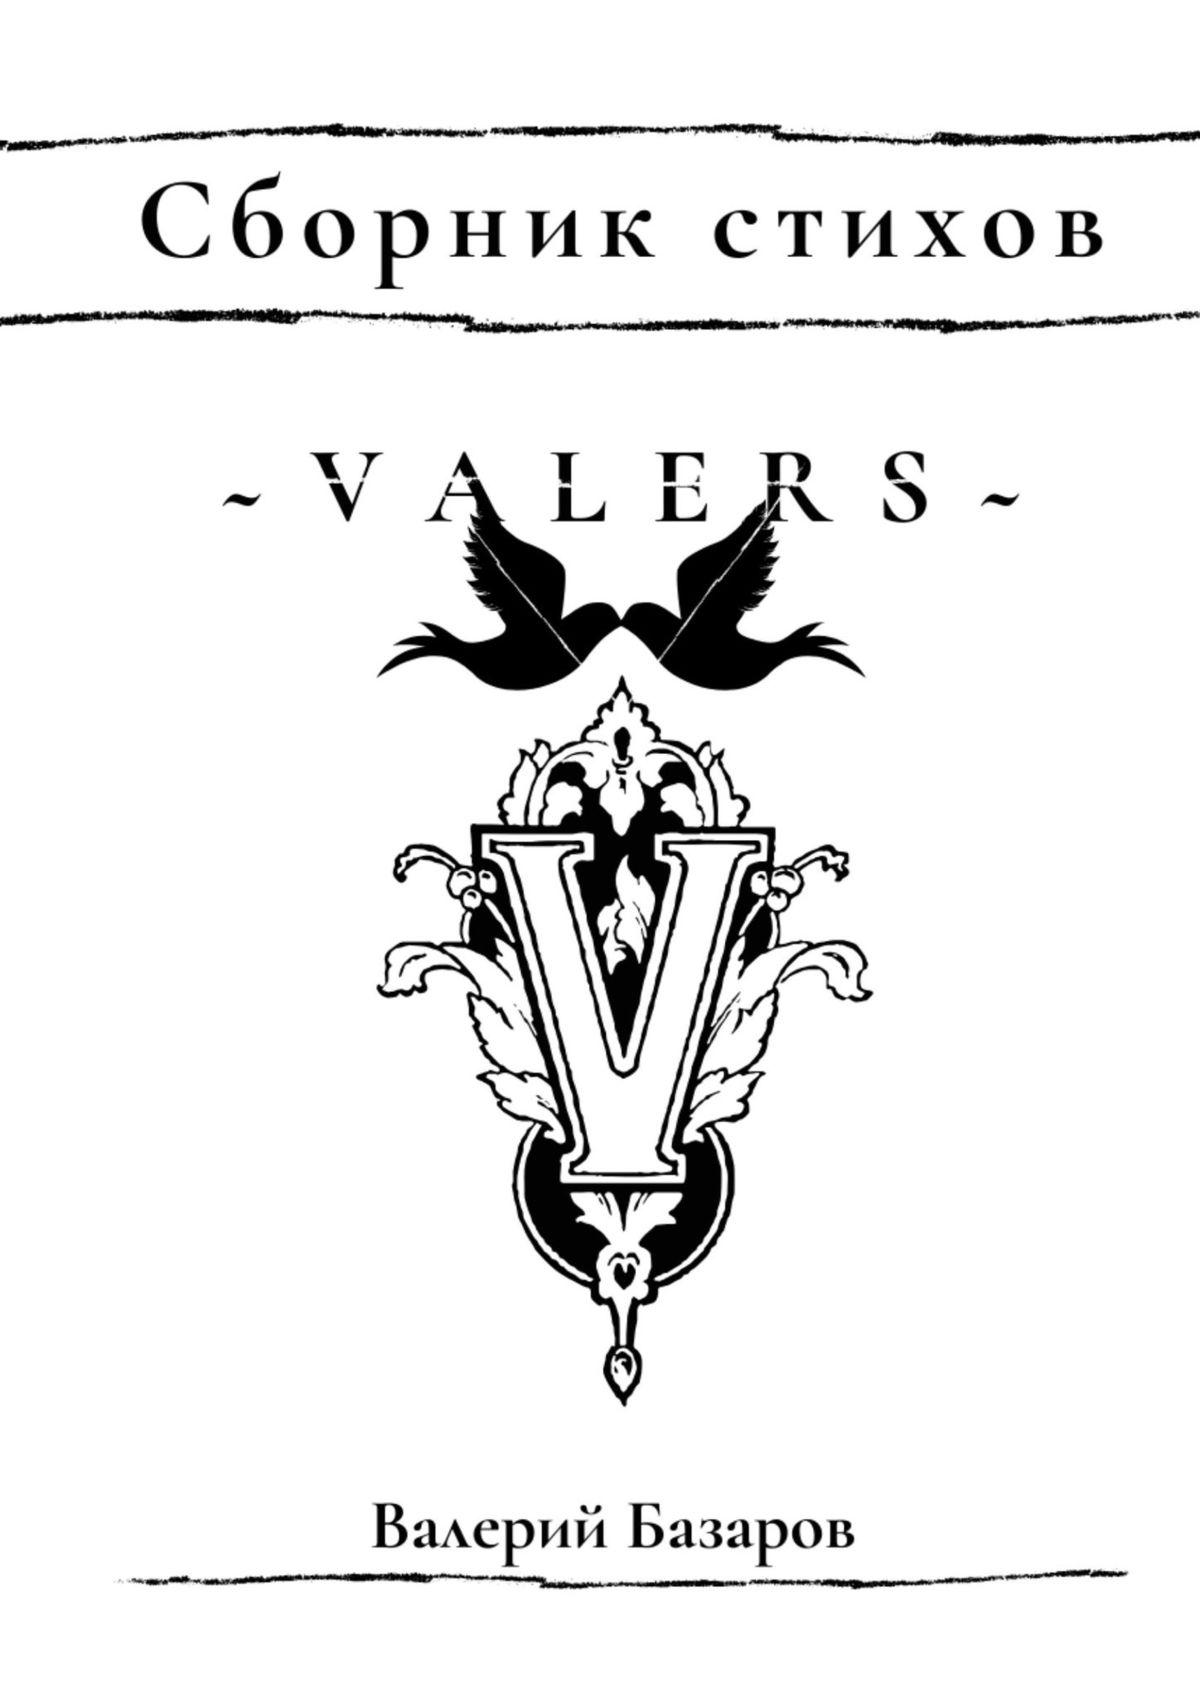 Валерий Базаров Valers. Сборник стихов